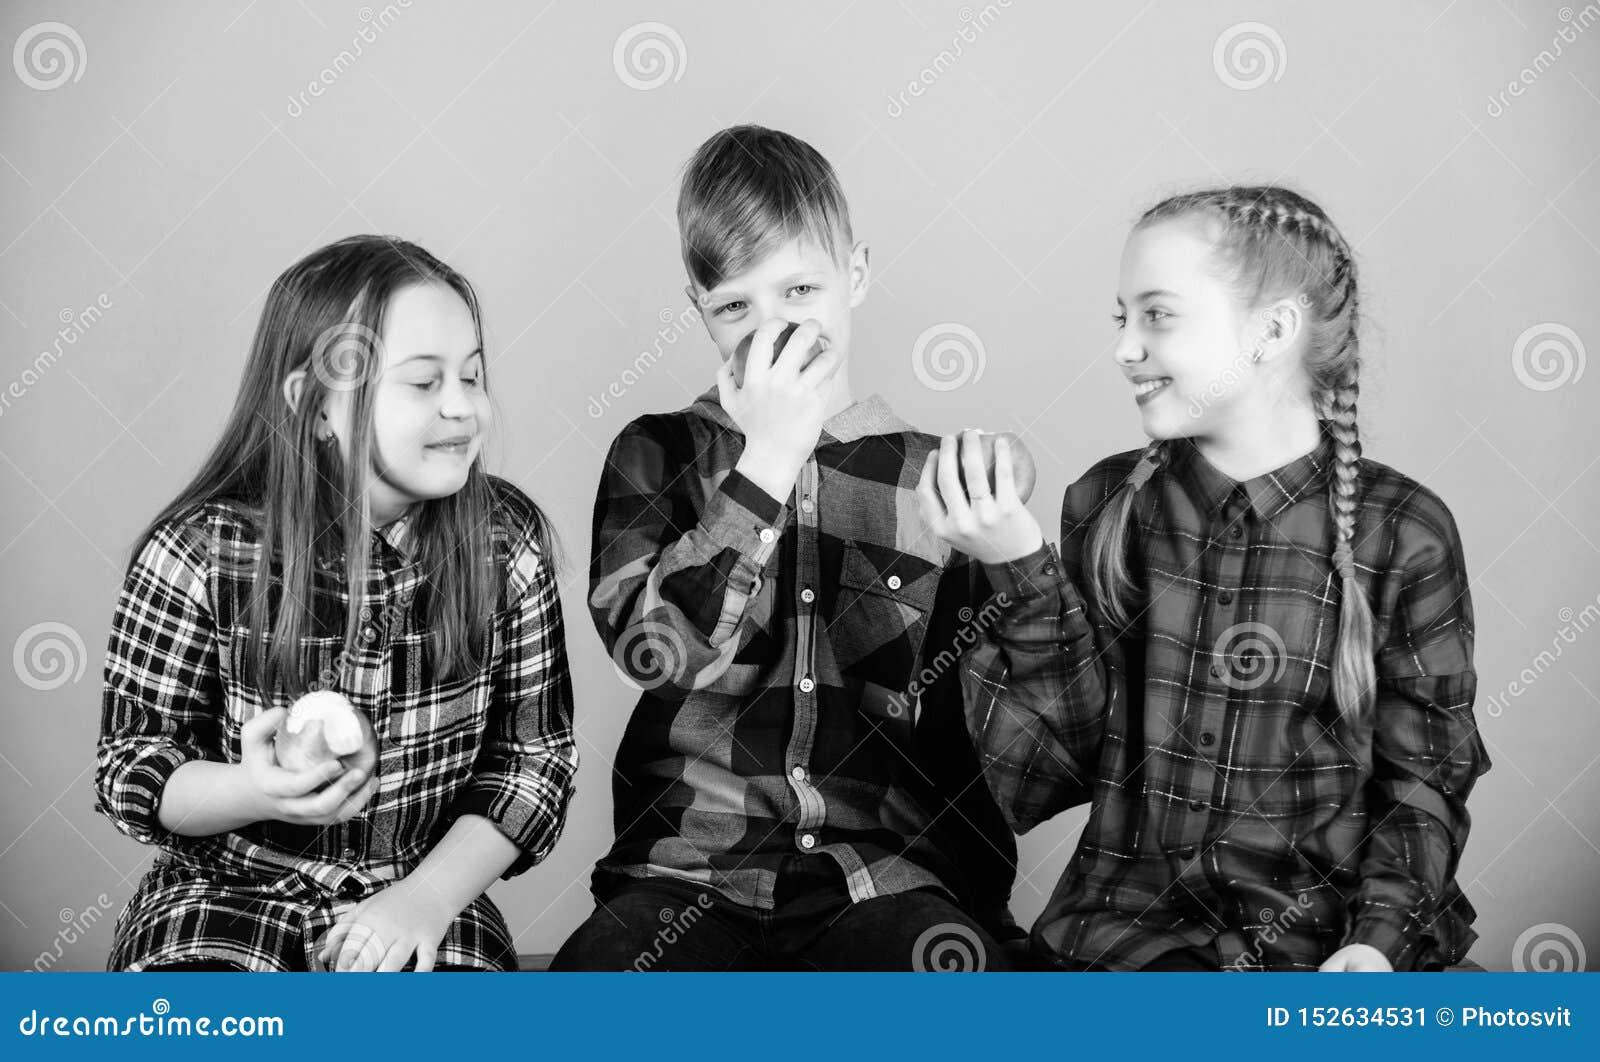 Essen organisch f?r ein neueres und ges?nderes Leben Kleine Kinder genie?en, nat?rliche organische Fr?chte zu essen Kleine Kinder